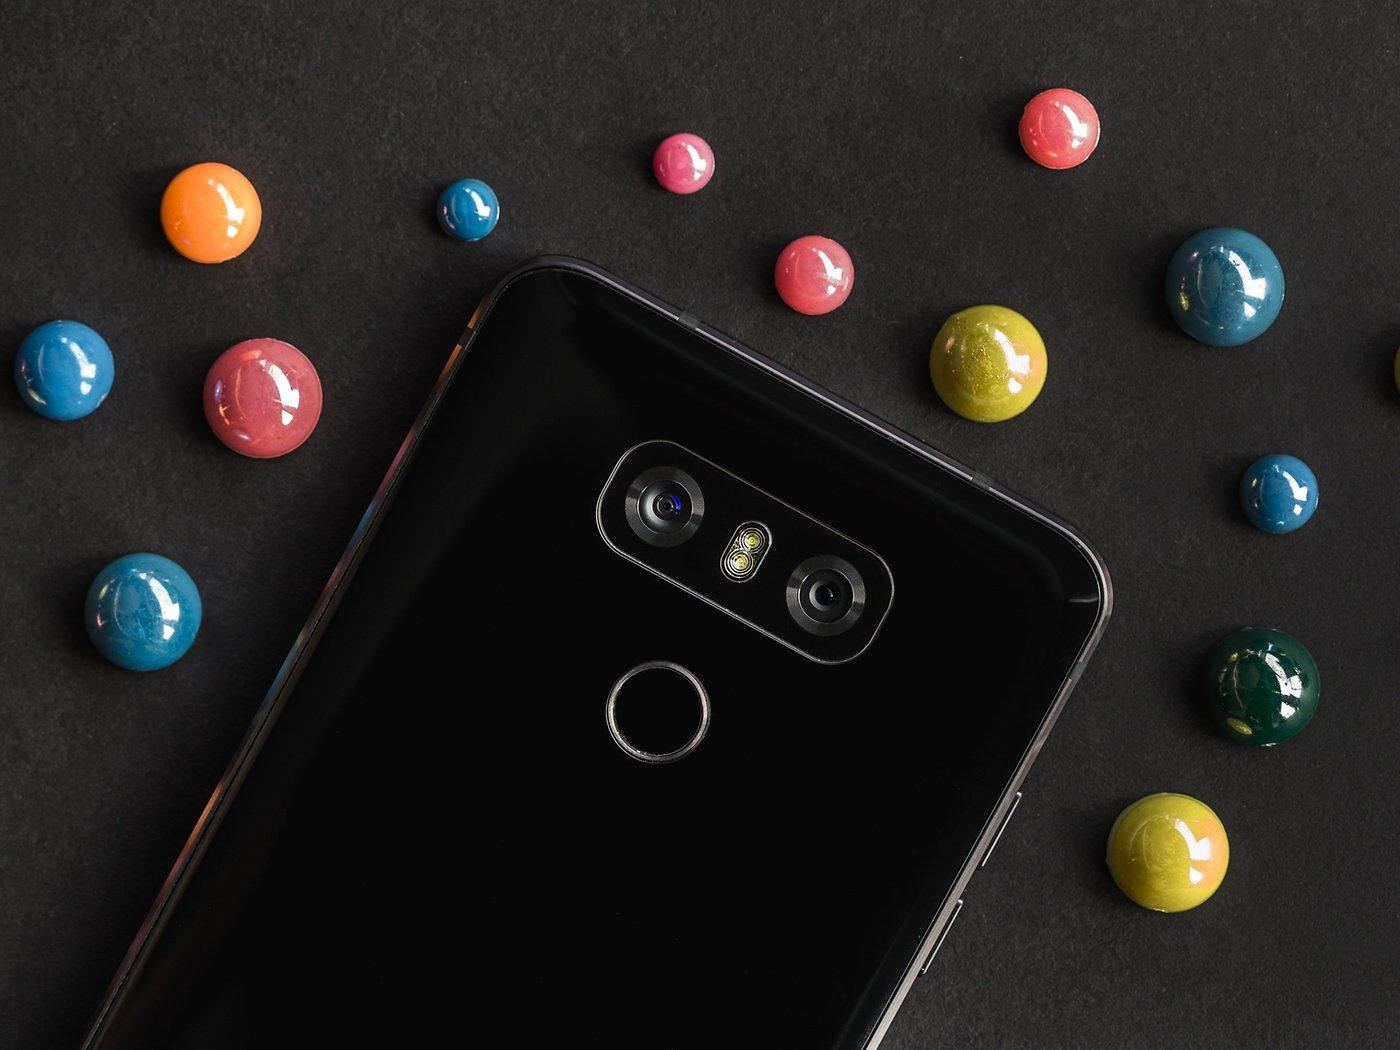 Análisis del LG G6: al nueva forma de ver las cosas - Analizando ...